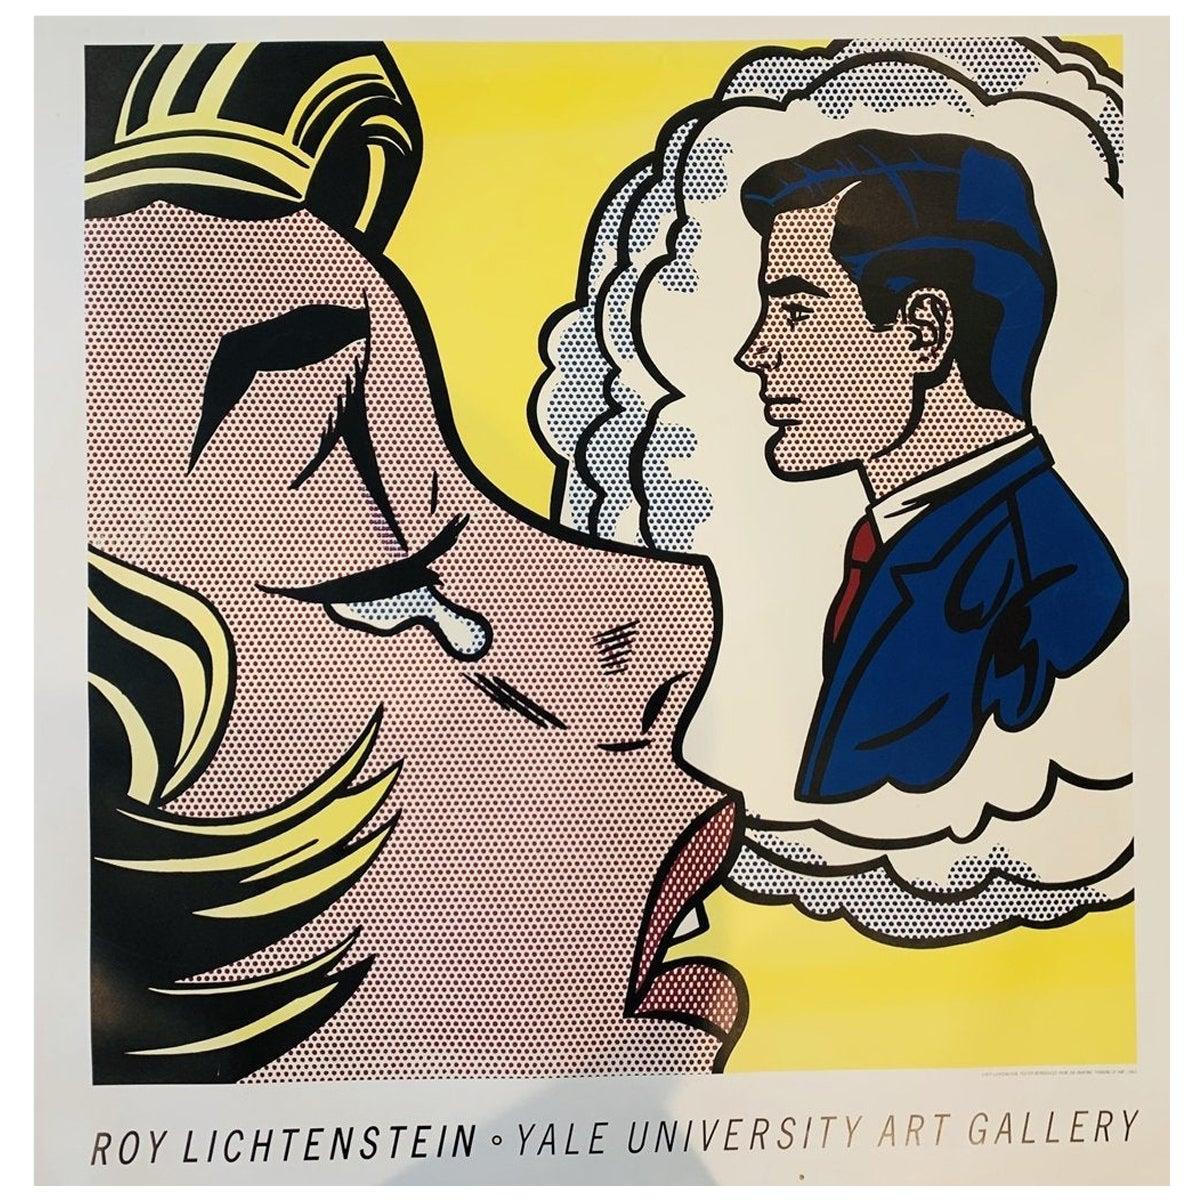 Roy Lichtenstein, Thinking of Him, 1991 Springdale